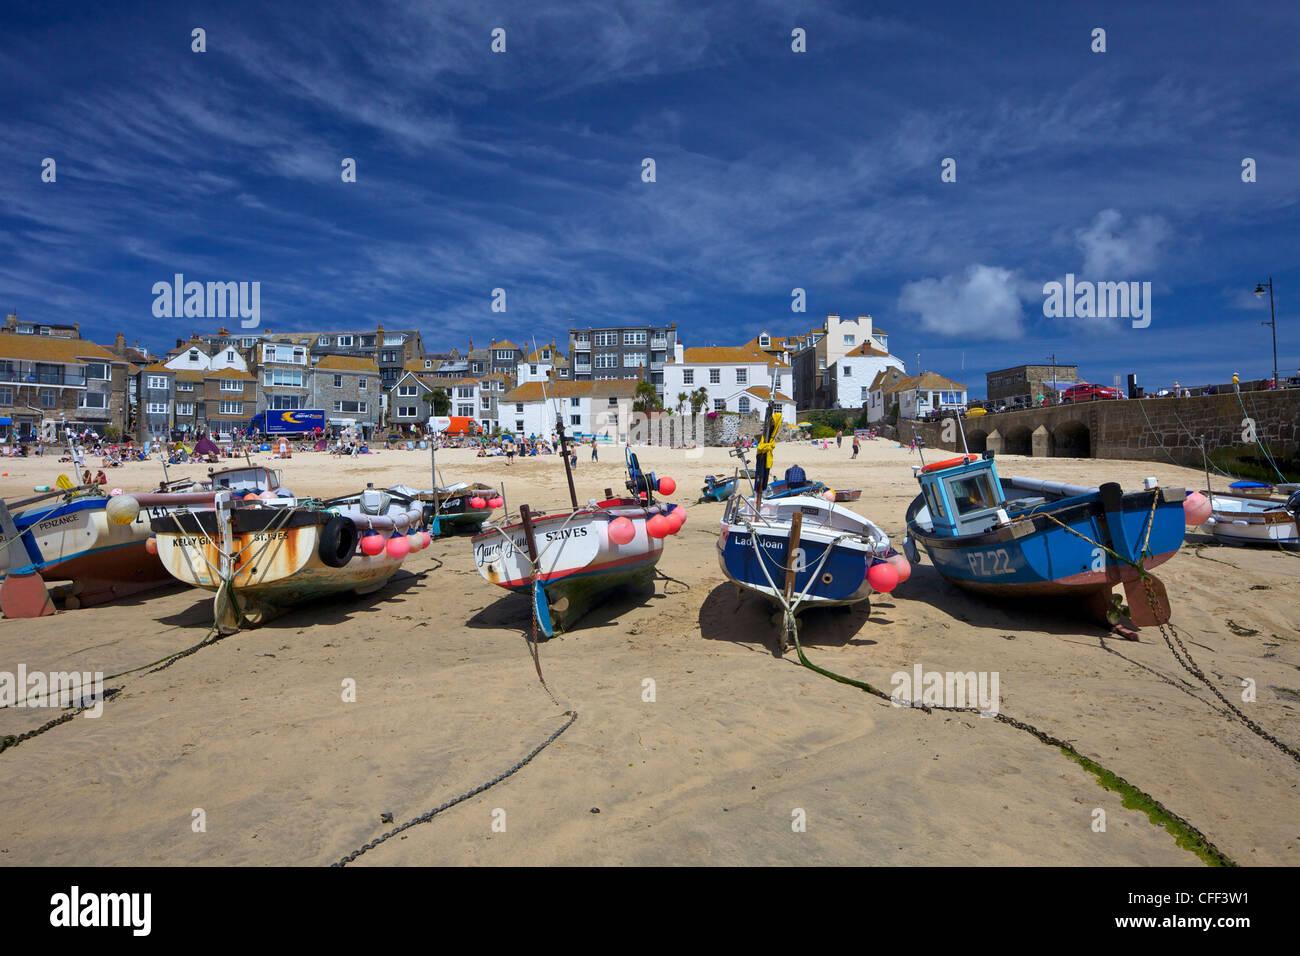 Barche da pesca in porto vecchio, St. Ives, Cornwall, England, Regno Unito, Europa Immagini Stock